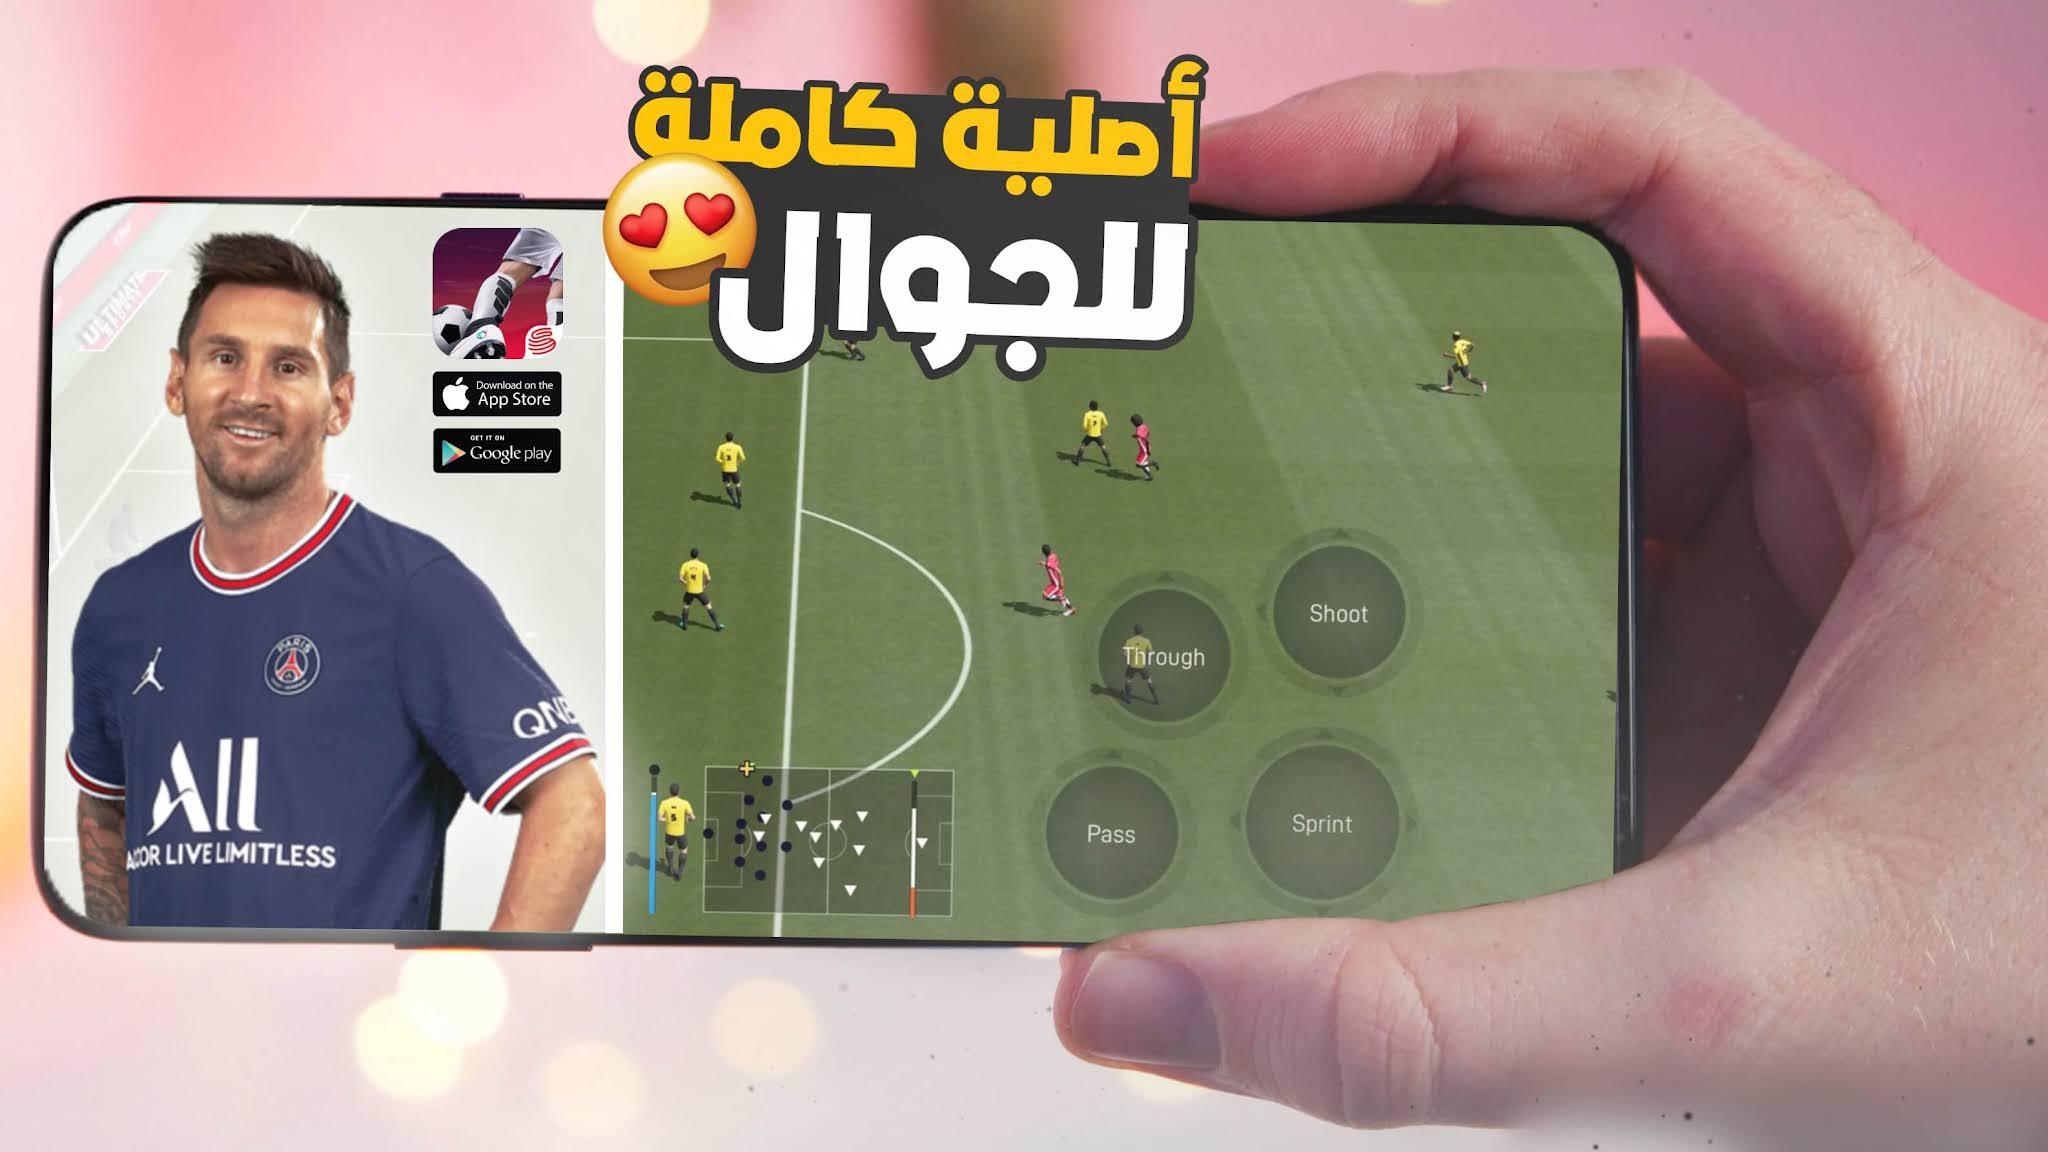 تحميل لعبة vive le football apk اصلية كاملة للاندرويد والايفون - vive le football apk download